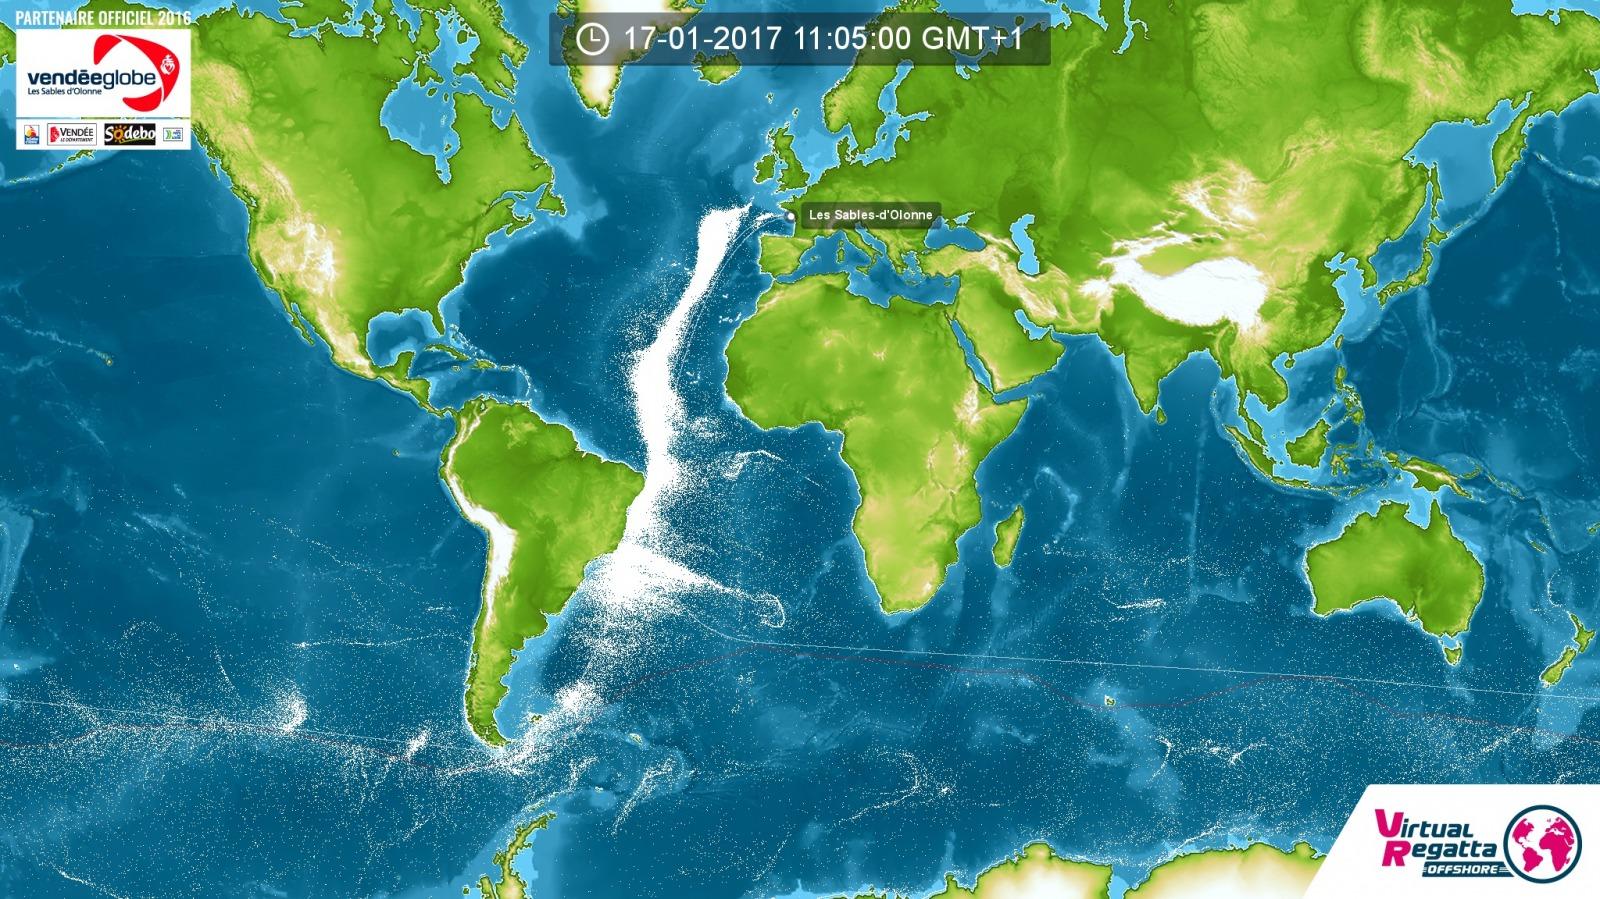 vr-header-news-17-janv-satellite-r-1600-1200